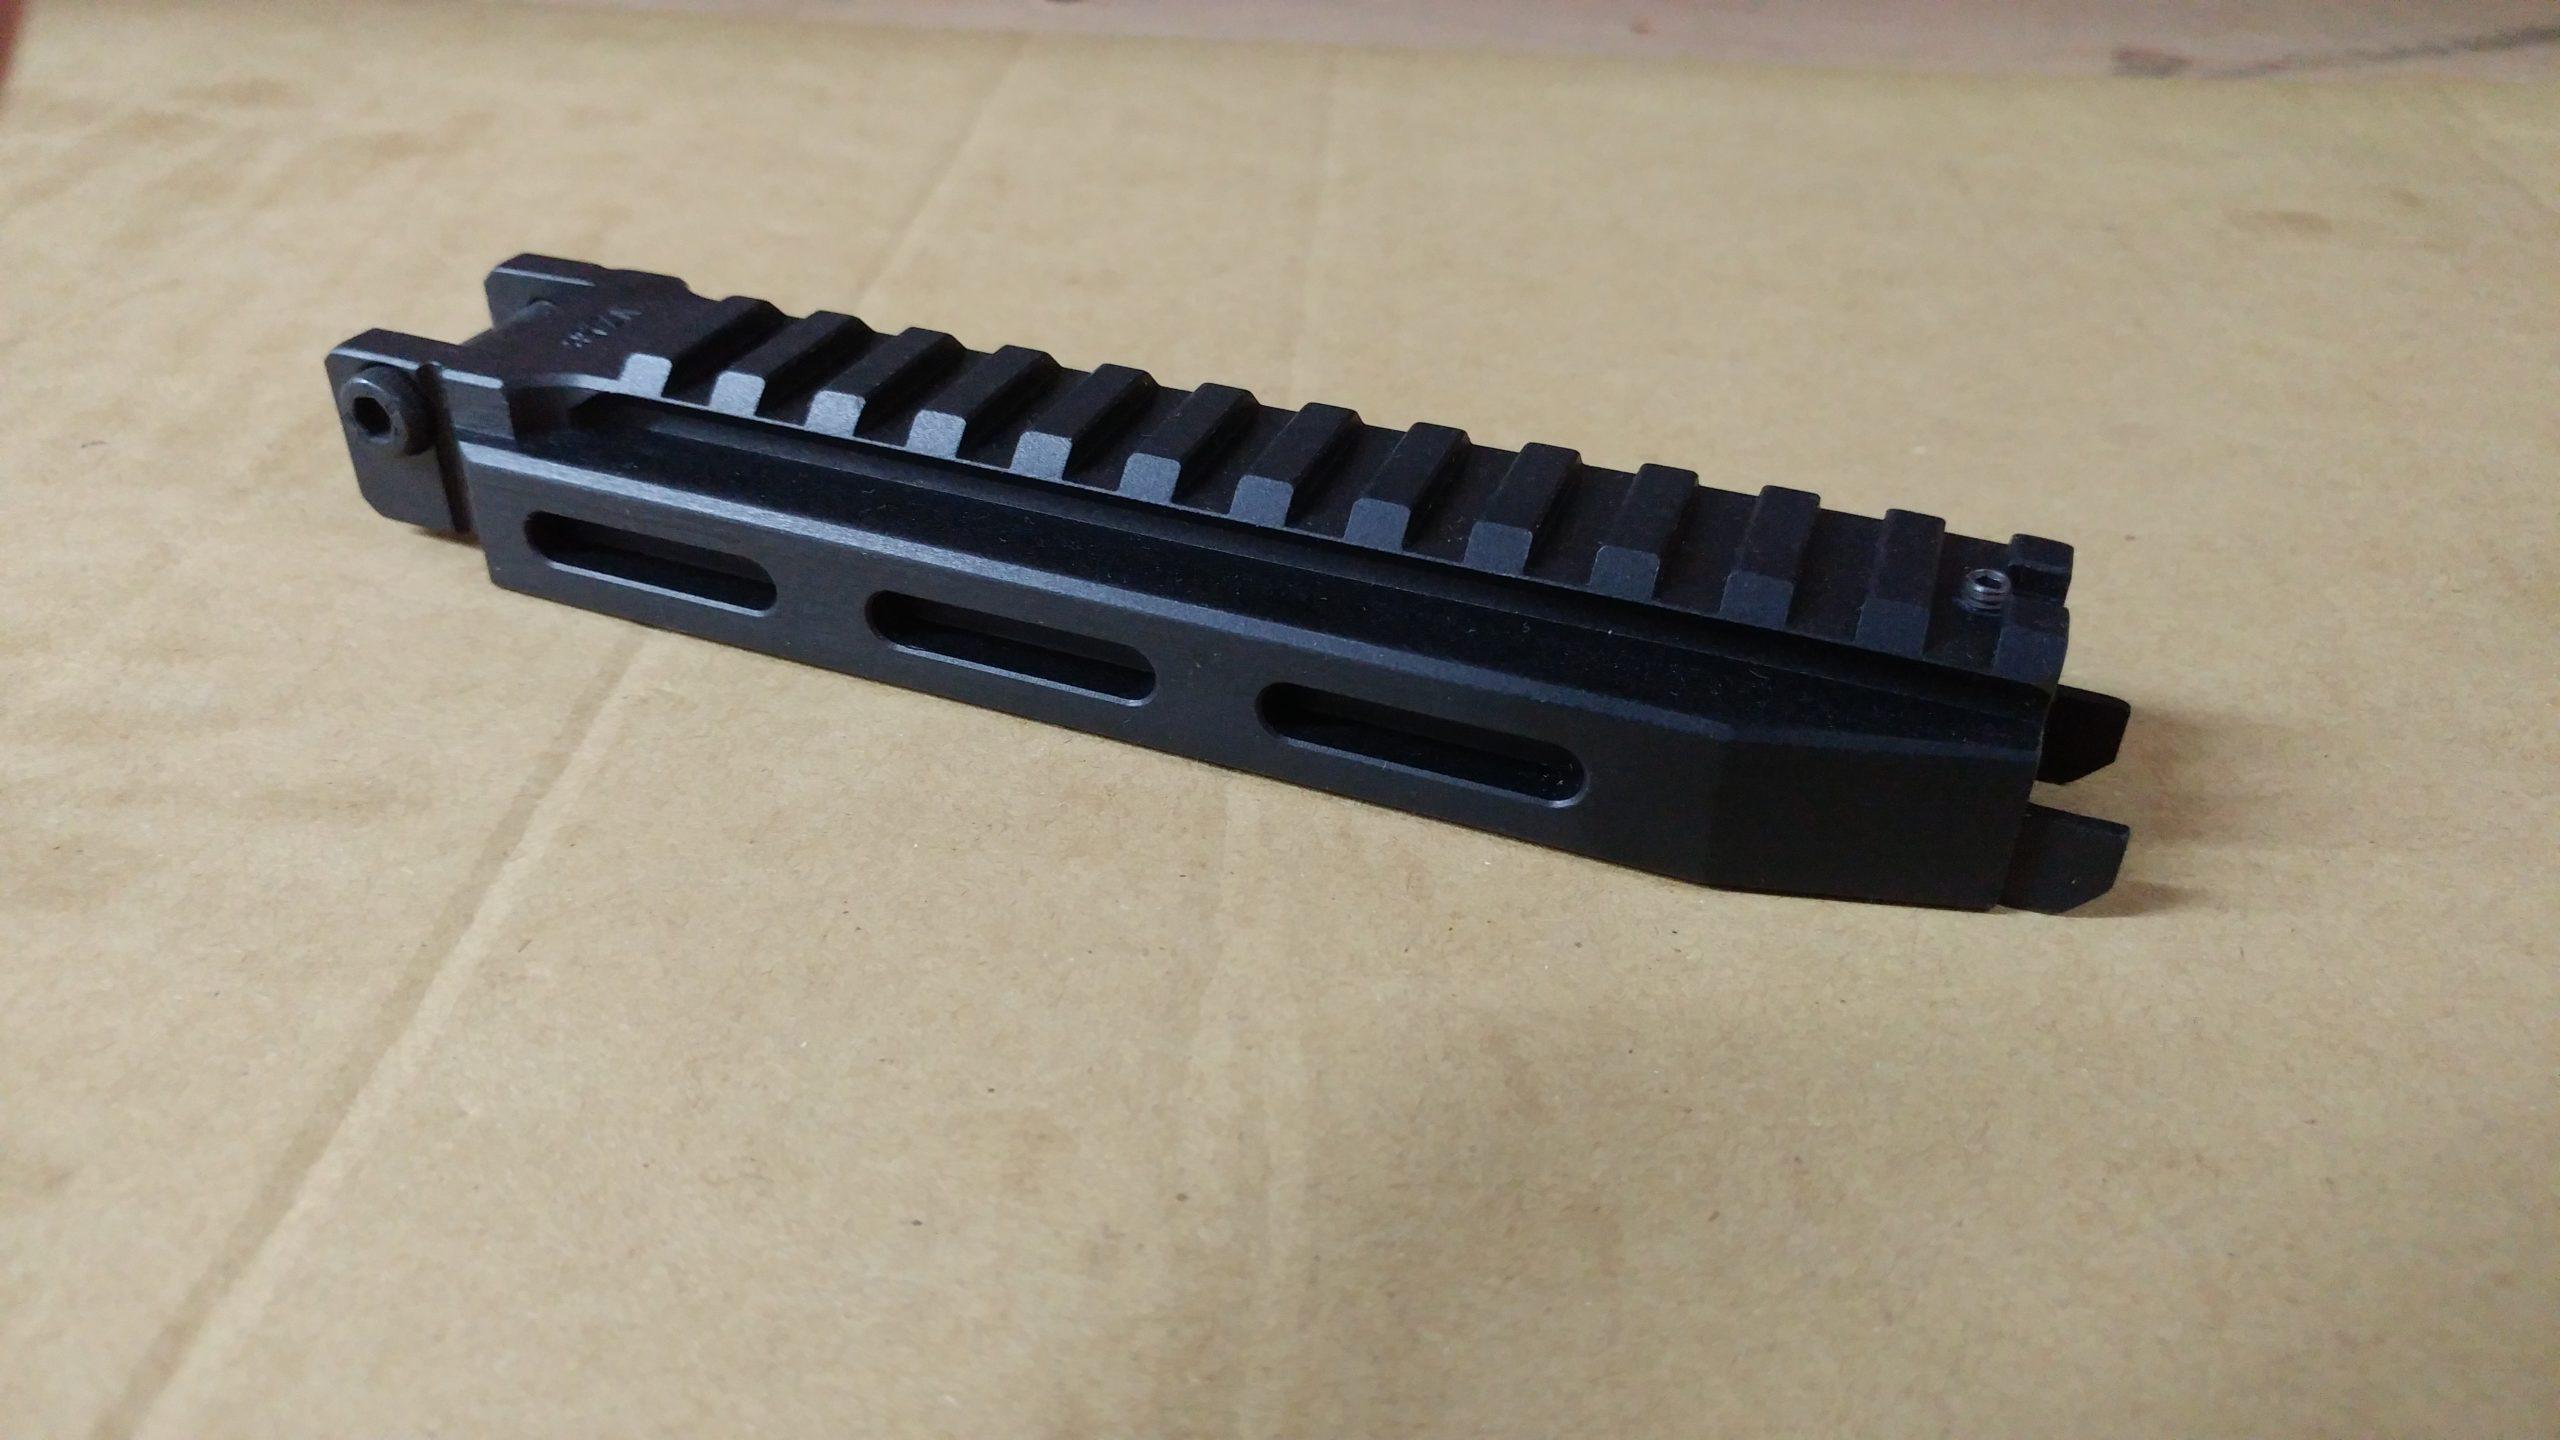 CZ58 Railed Handguard